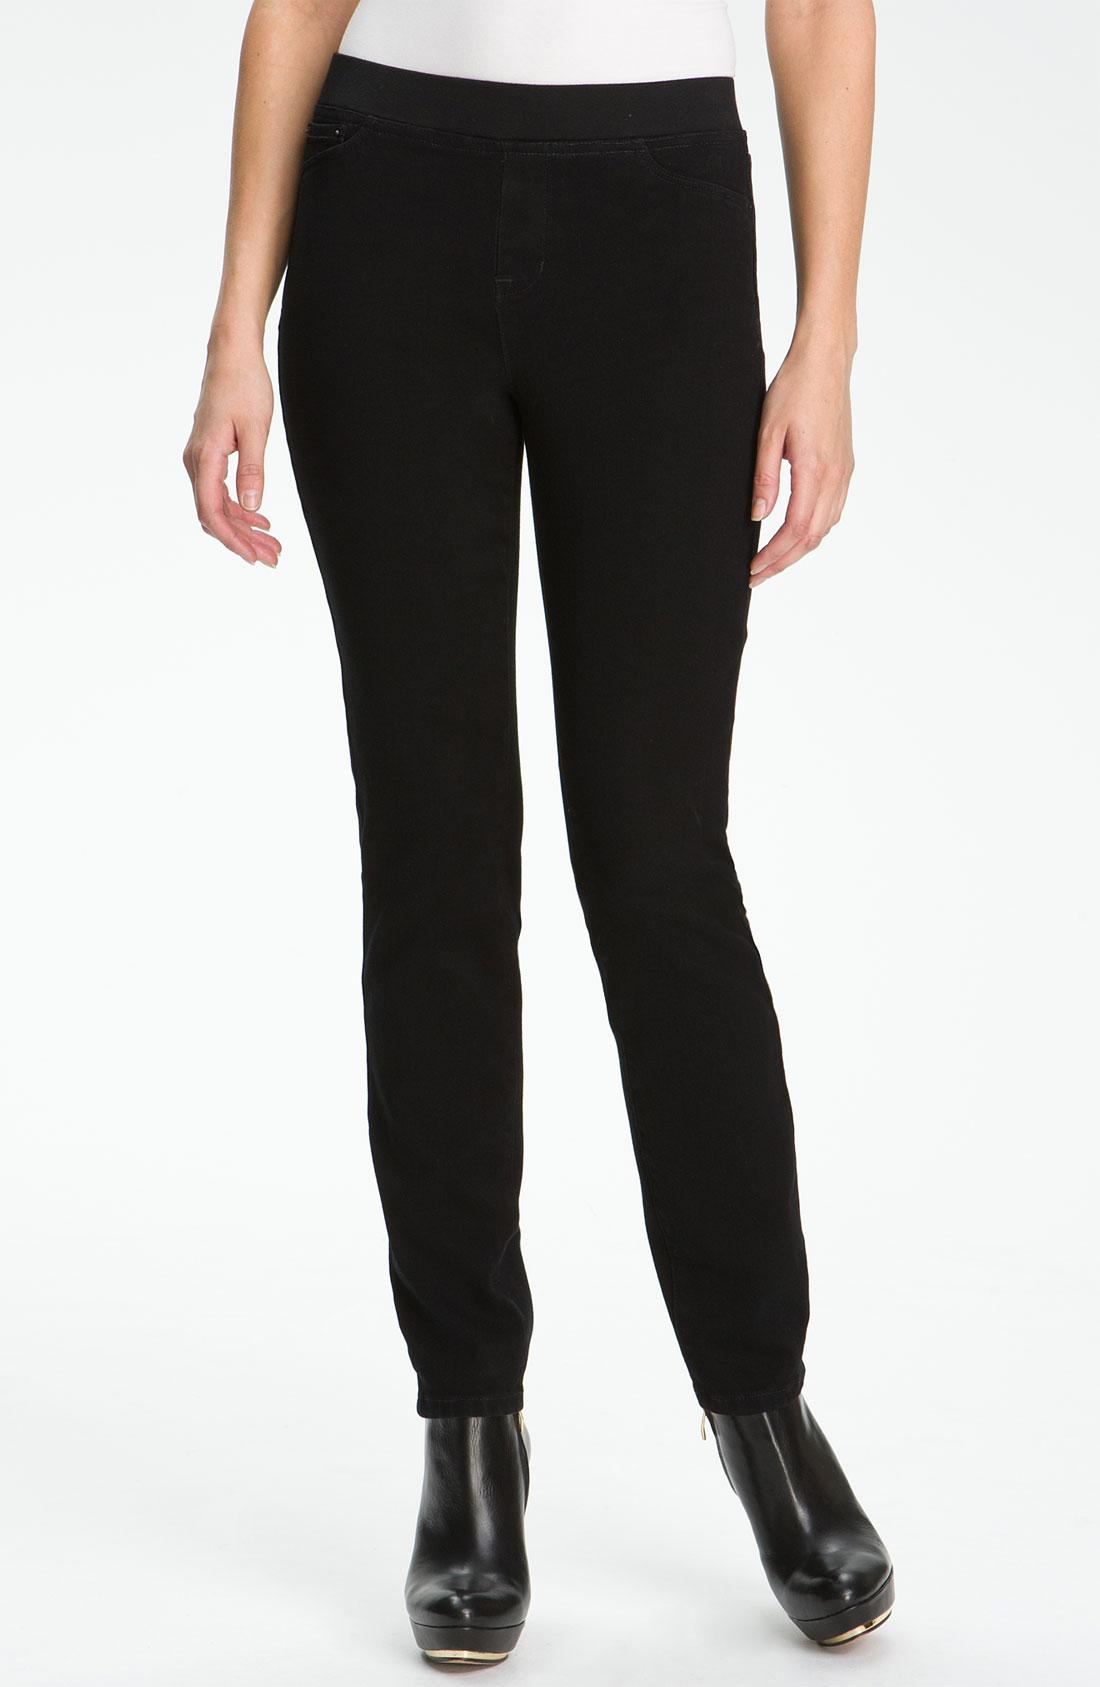 28 Waist Designer Jeans.Tiffosi Dark Denim One Size Skinny Jeans Cilento. Not Your Daughteru0026#39;s ...